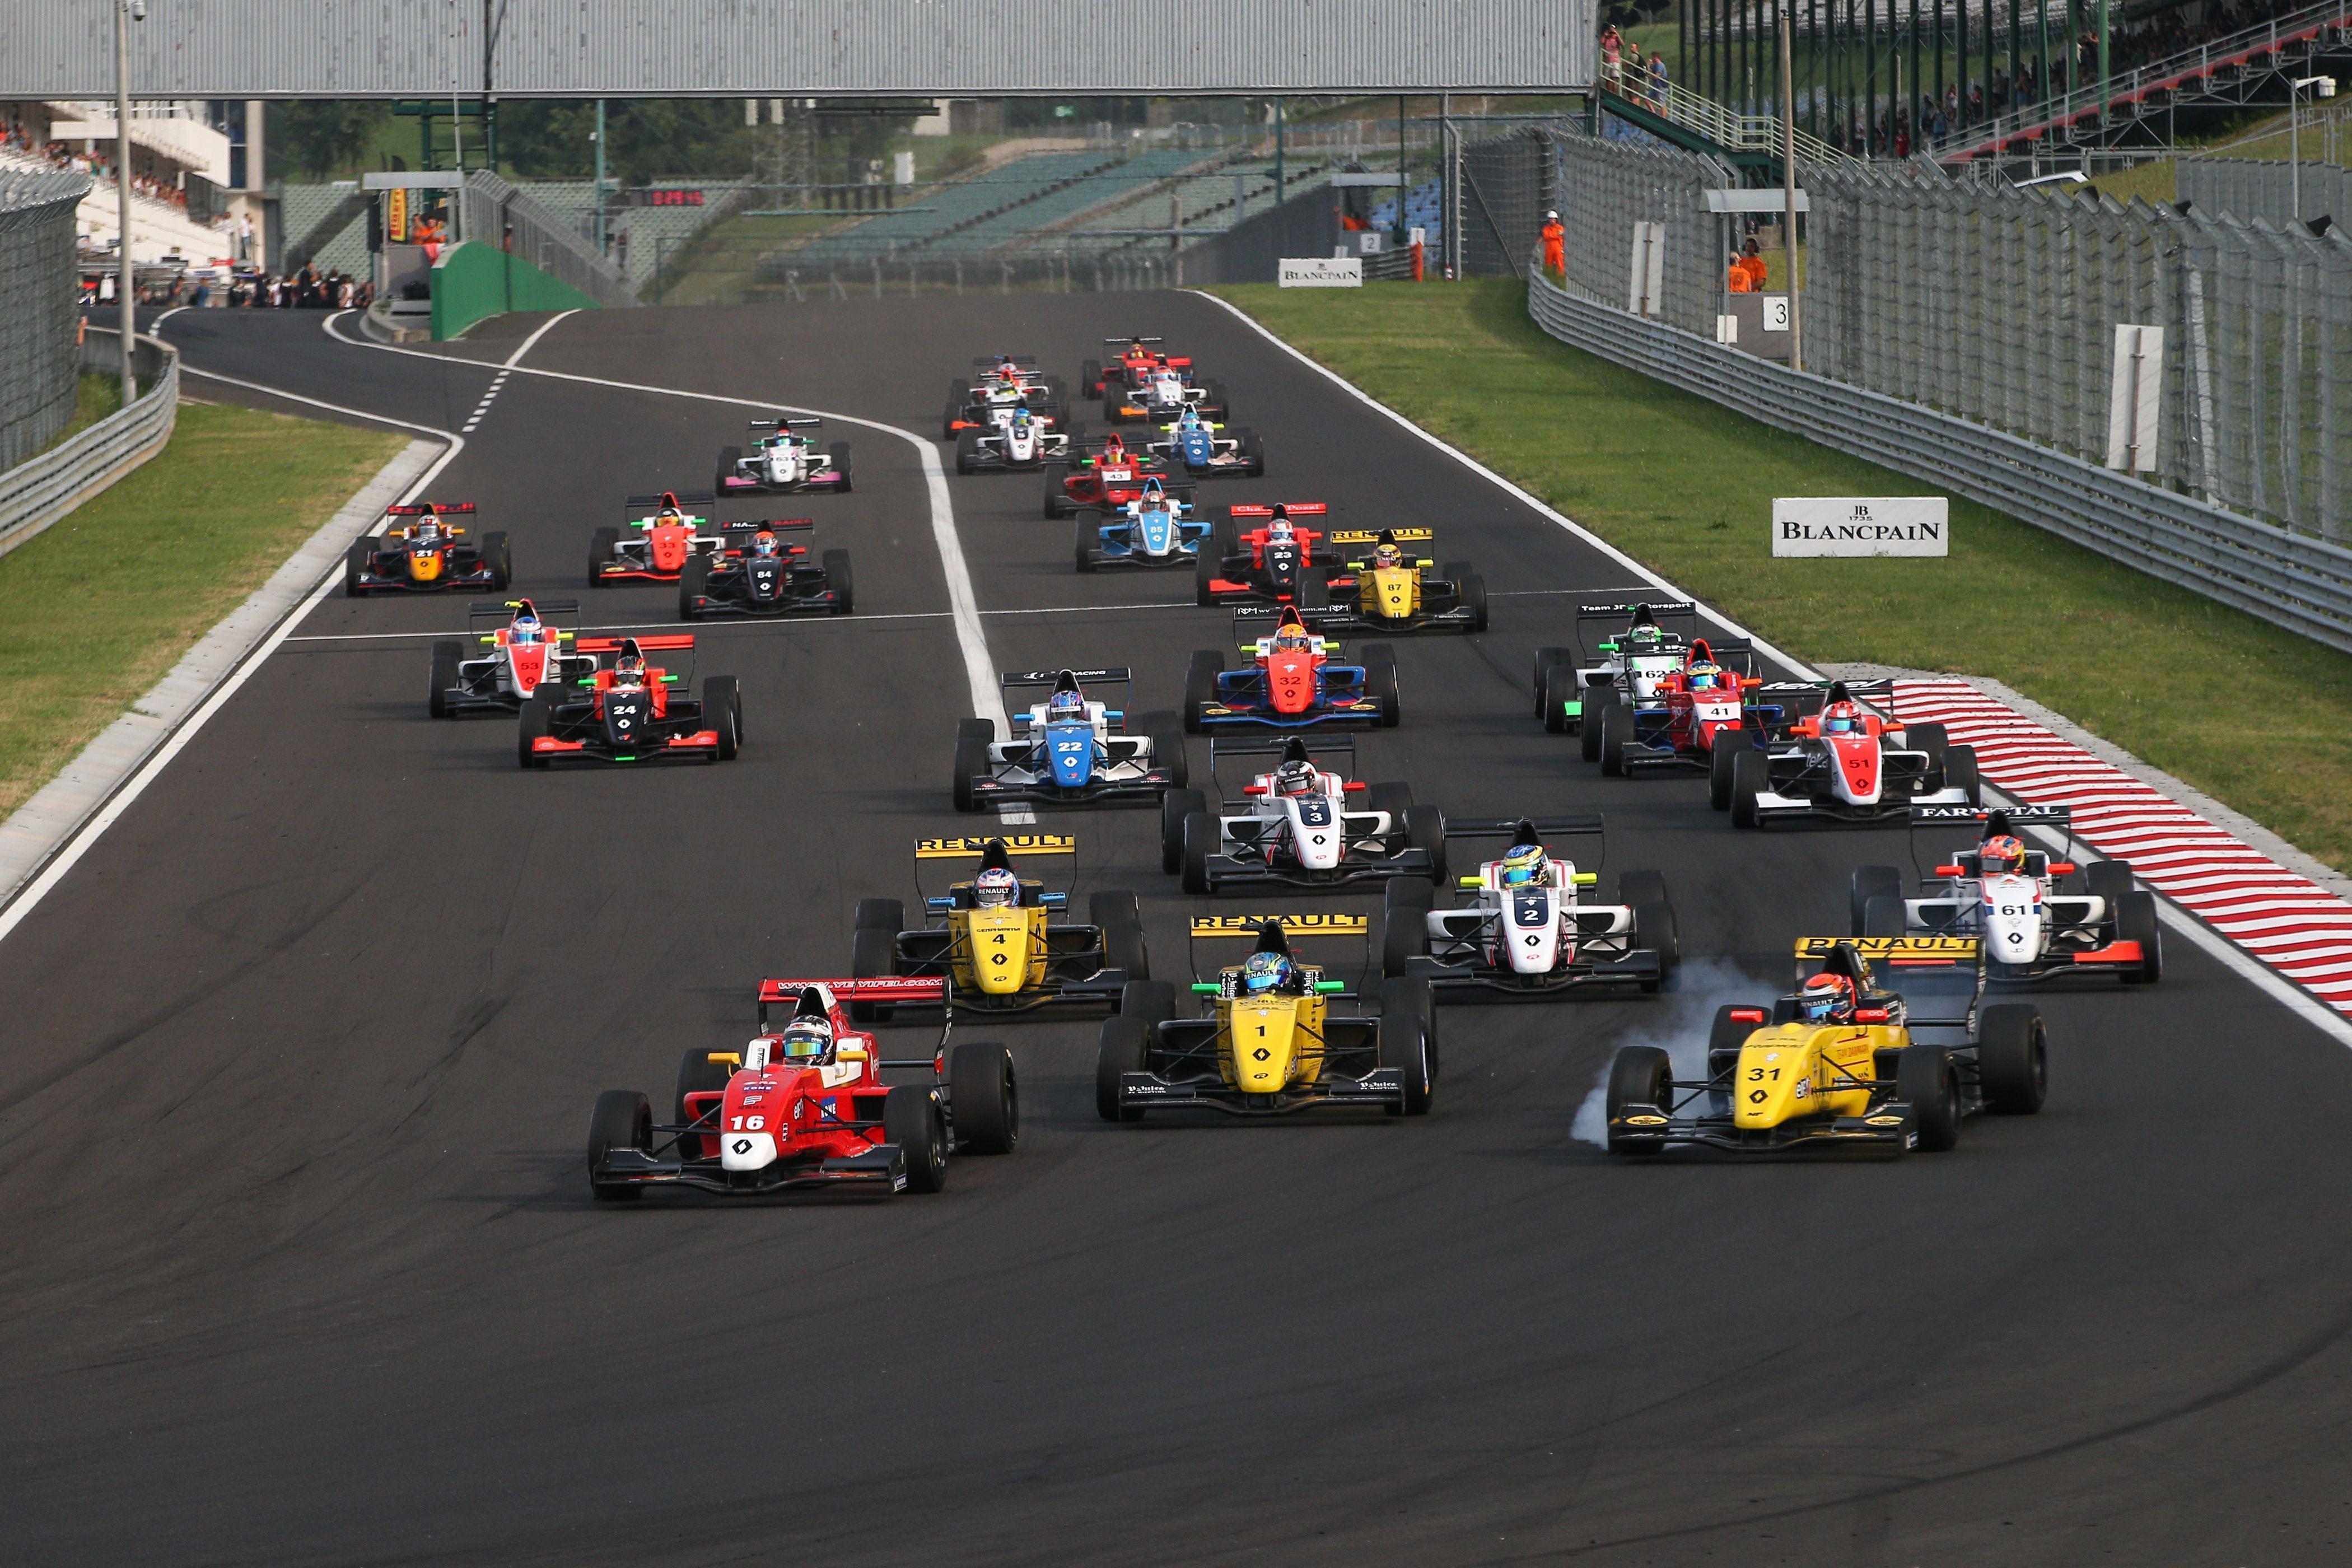 La Formule Renault Eurocup Annonce Son Calendrier Definitif